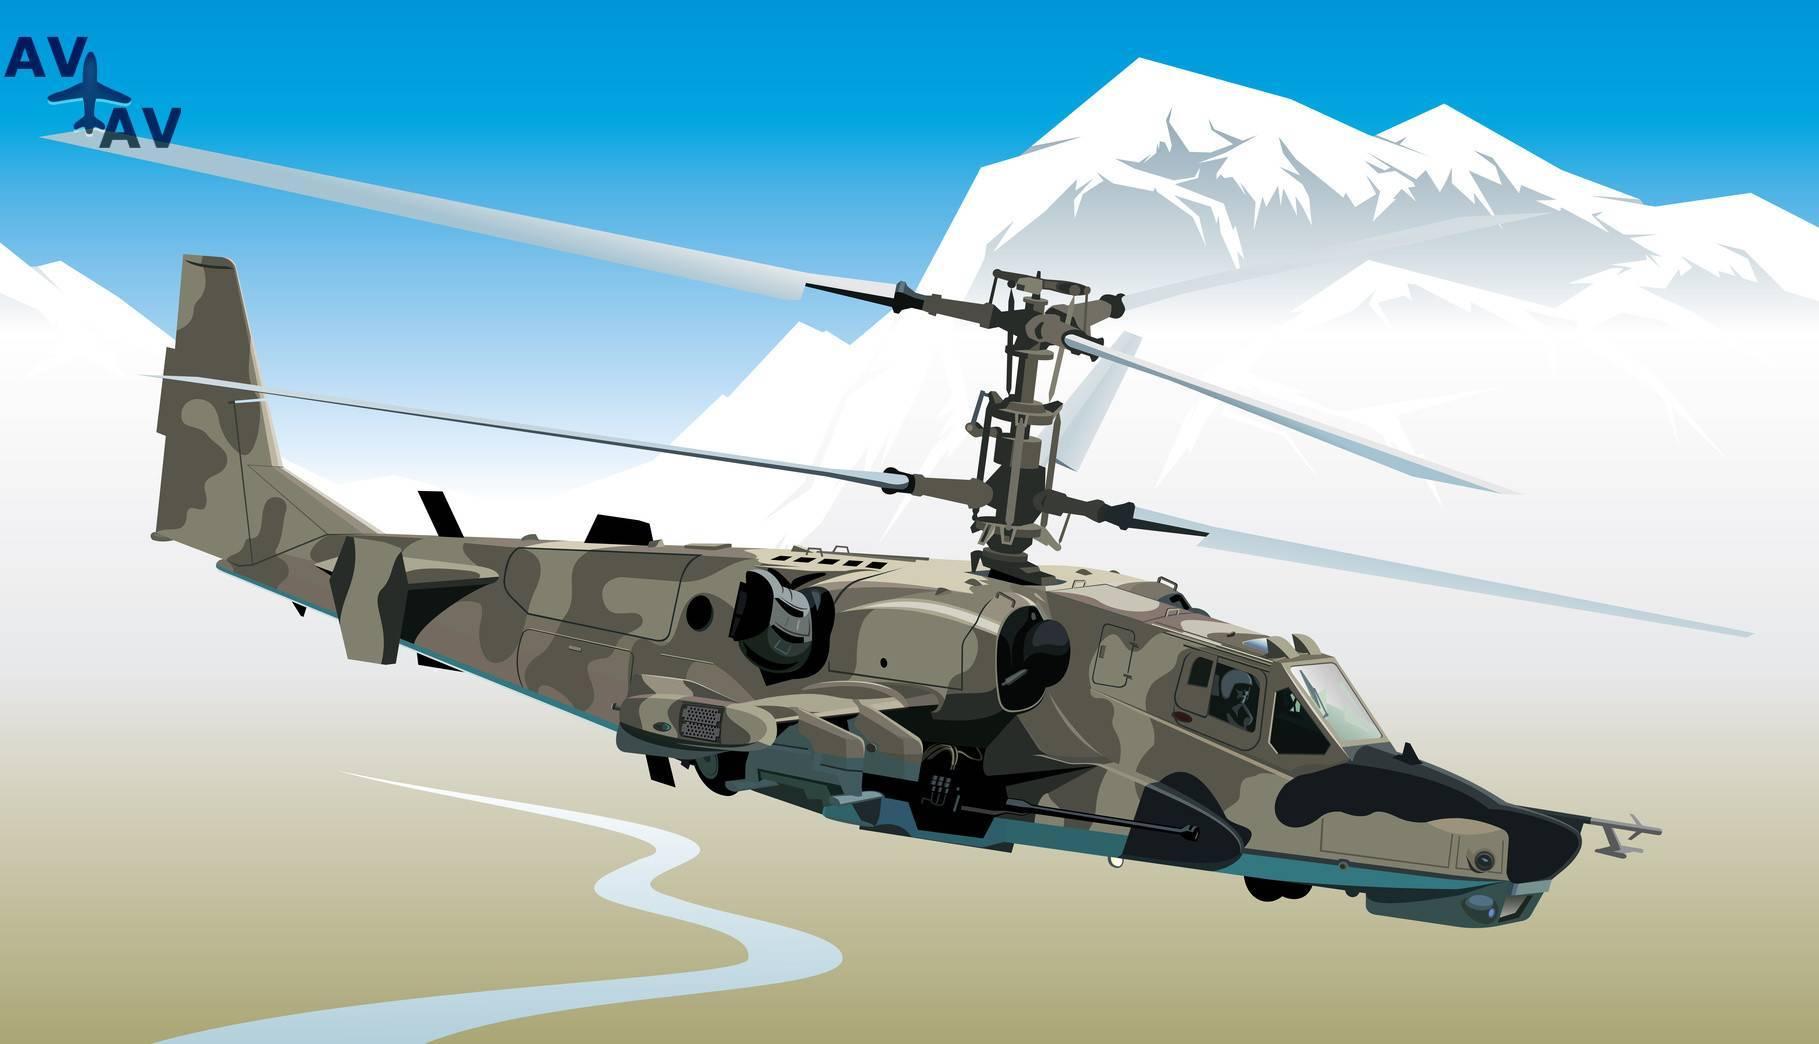 Вертолет ка-52 «аллигатор». фото. видео. характеристики. вооружение.